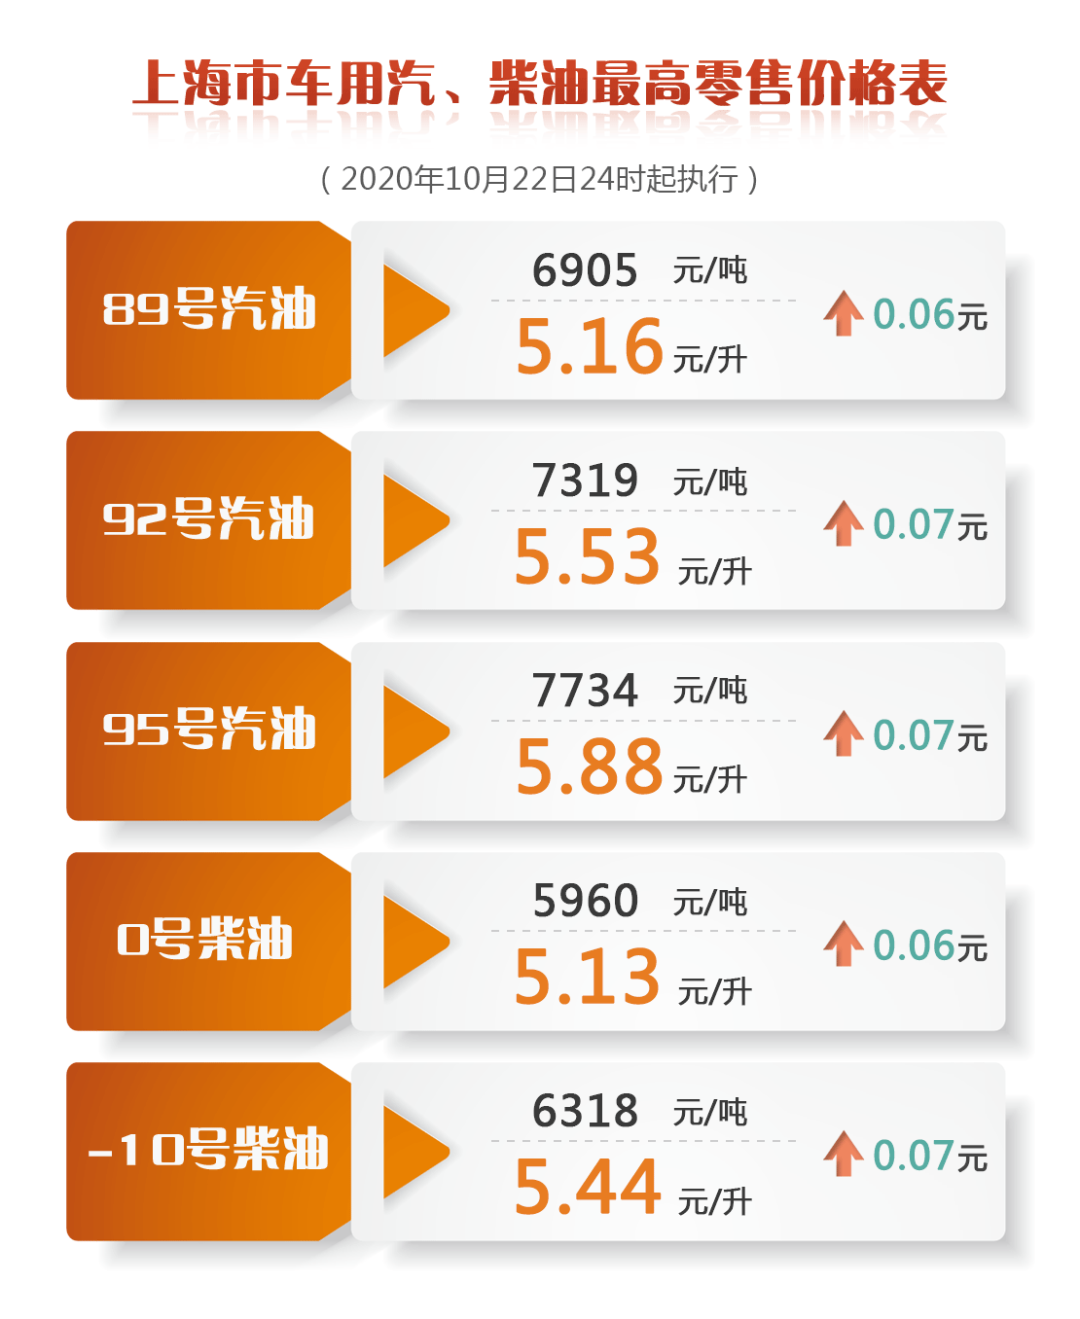 上海成品油价格上调,加满一箱92号汽油多花约3.5元